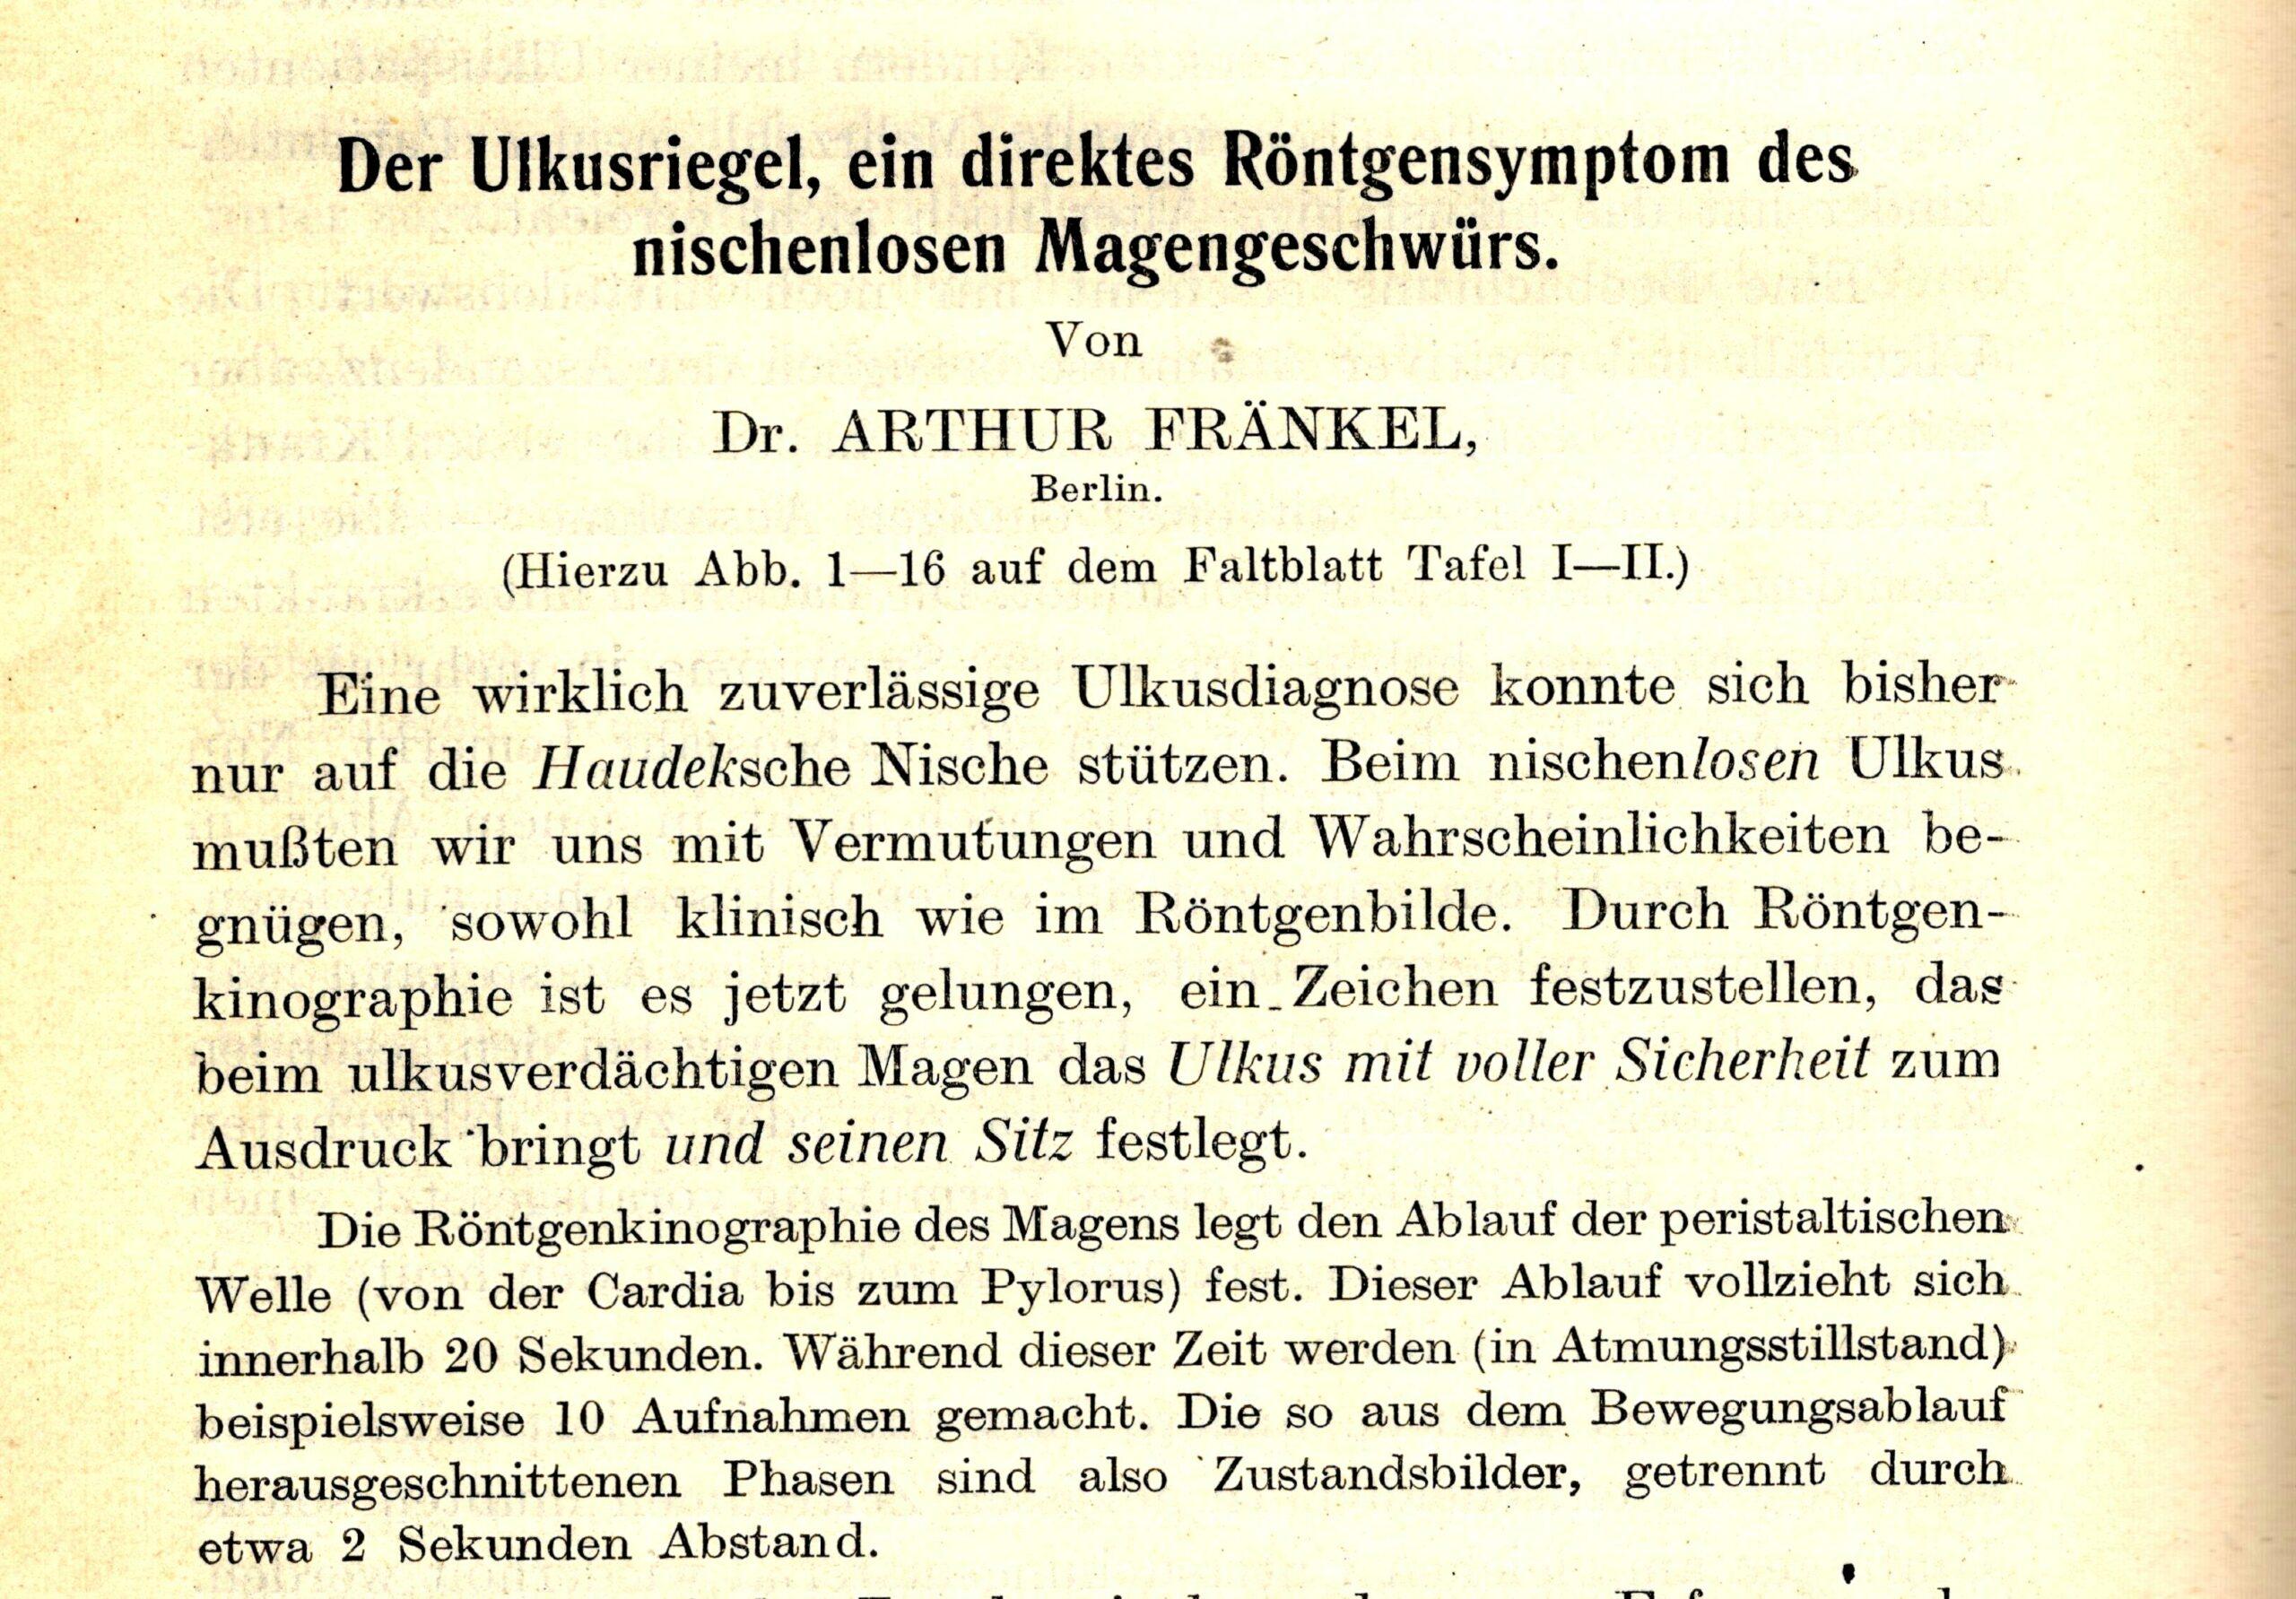 Archiv für Verdauungs-Krankheiten, 1926